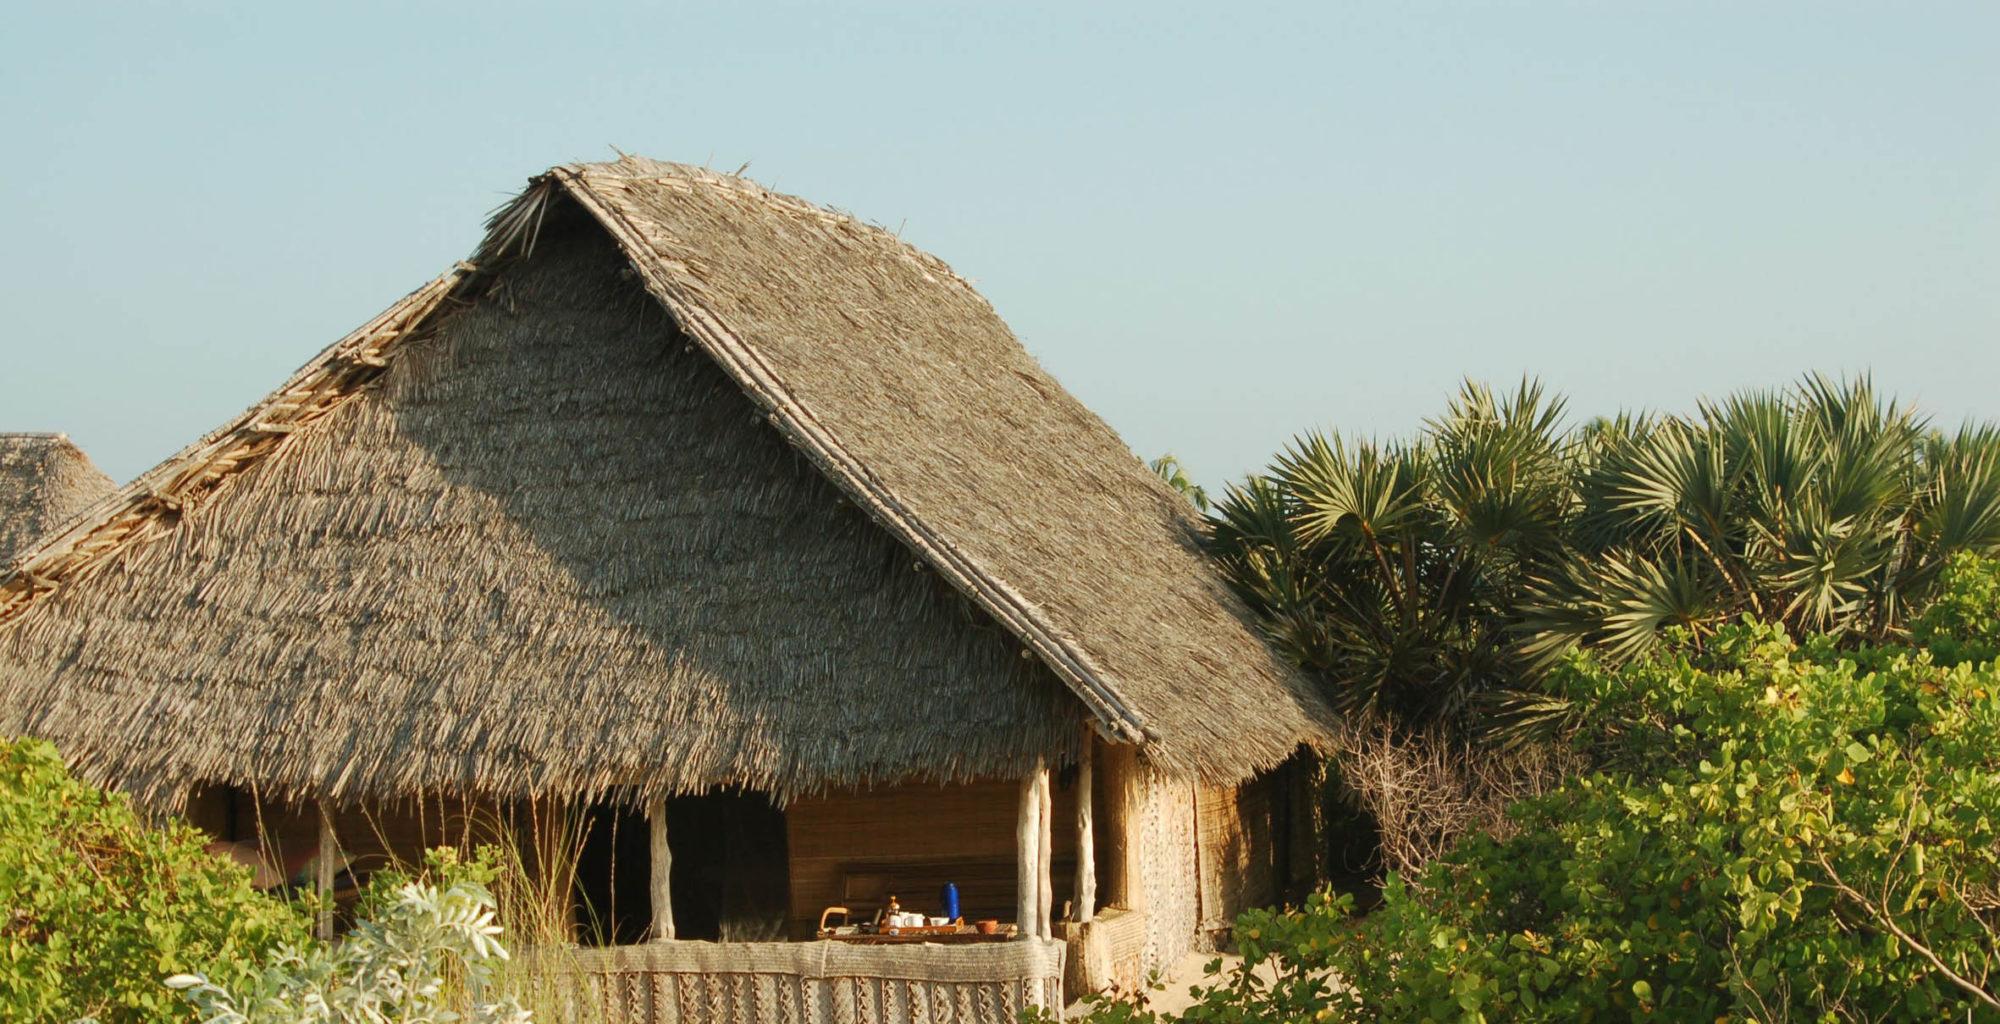 Kitzingo Kenya Exterior